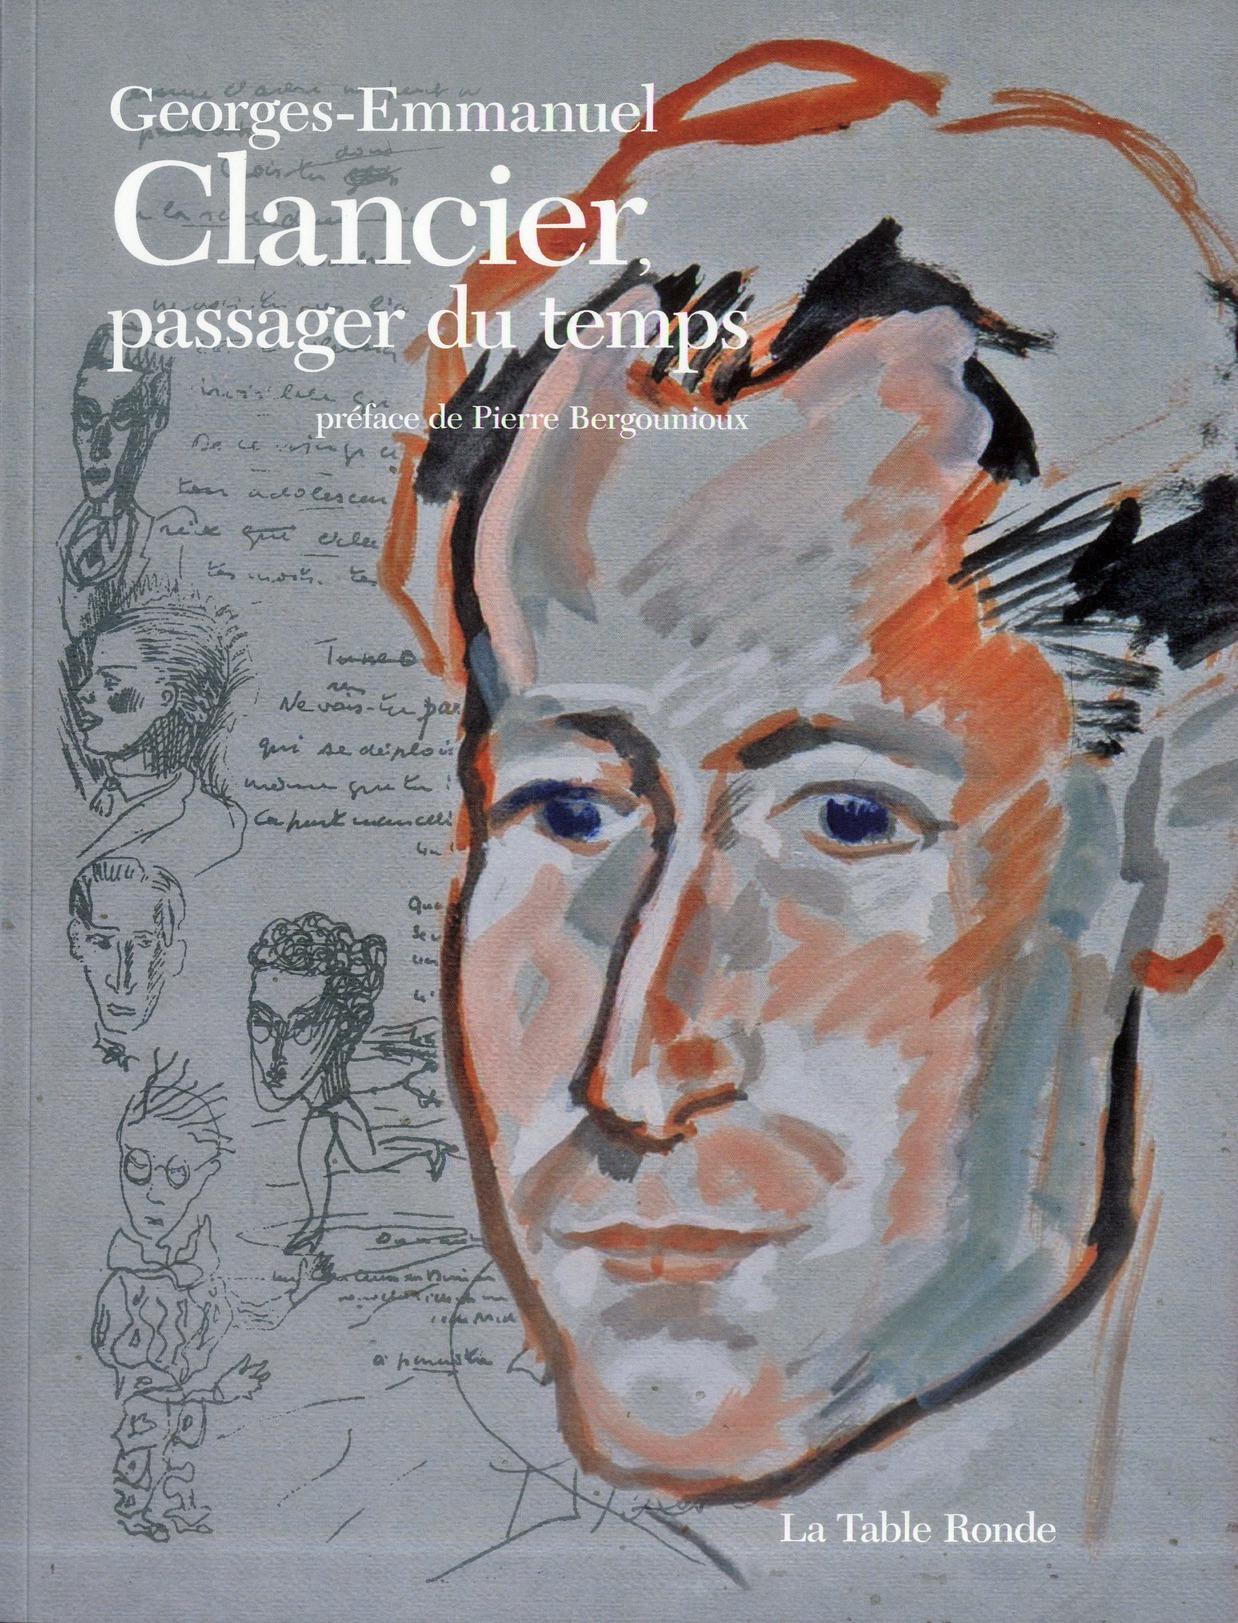 Georges-Emmanuel Clancier, passager du temps